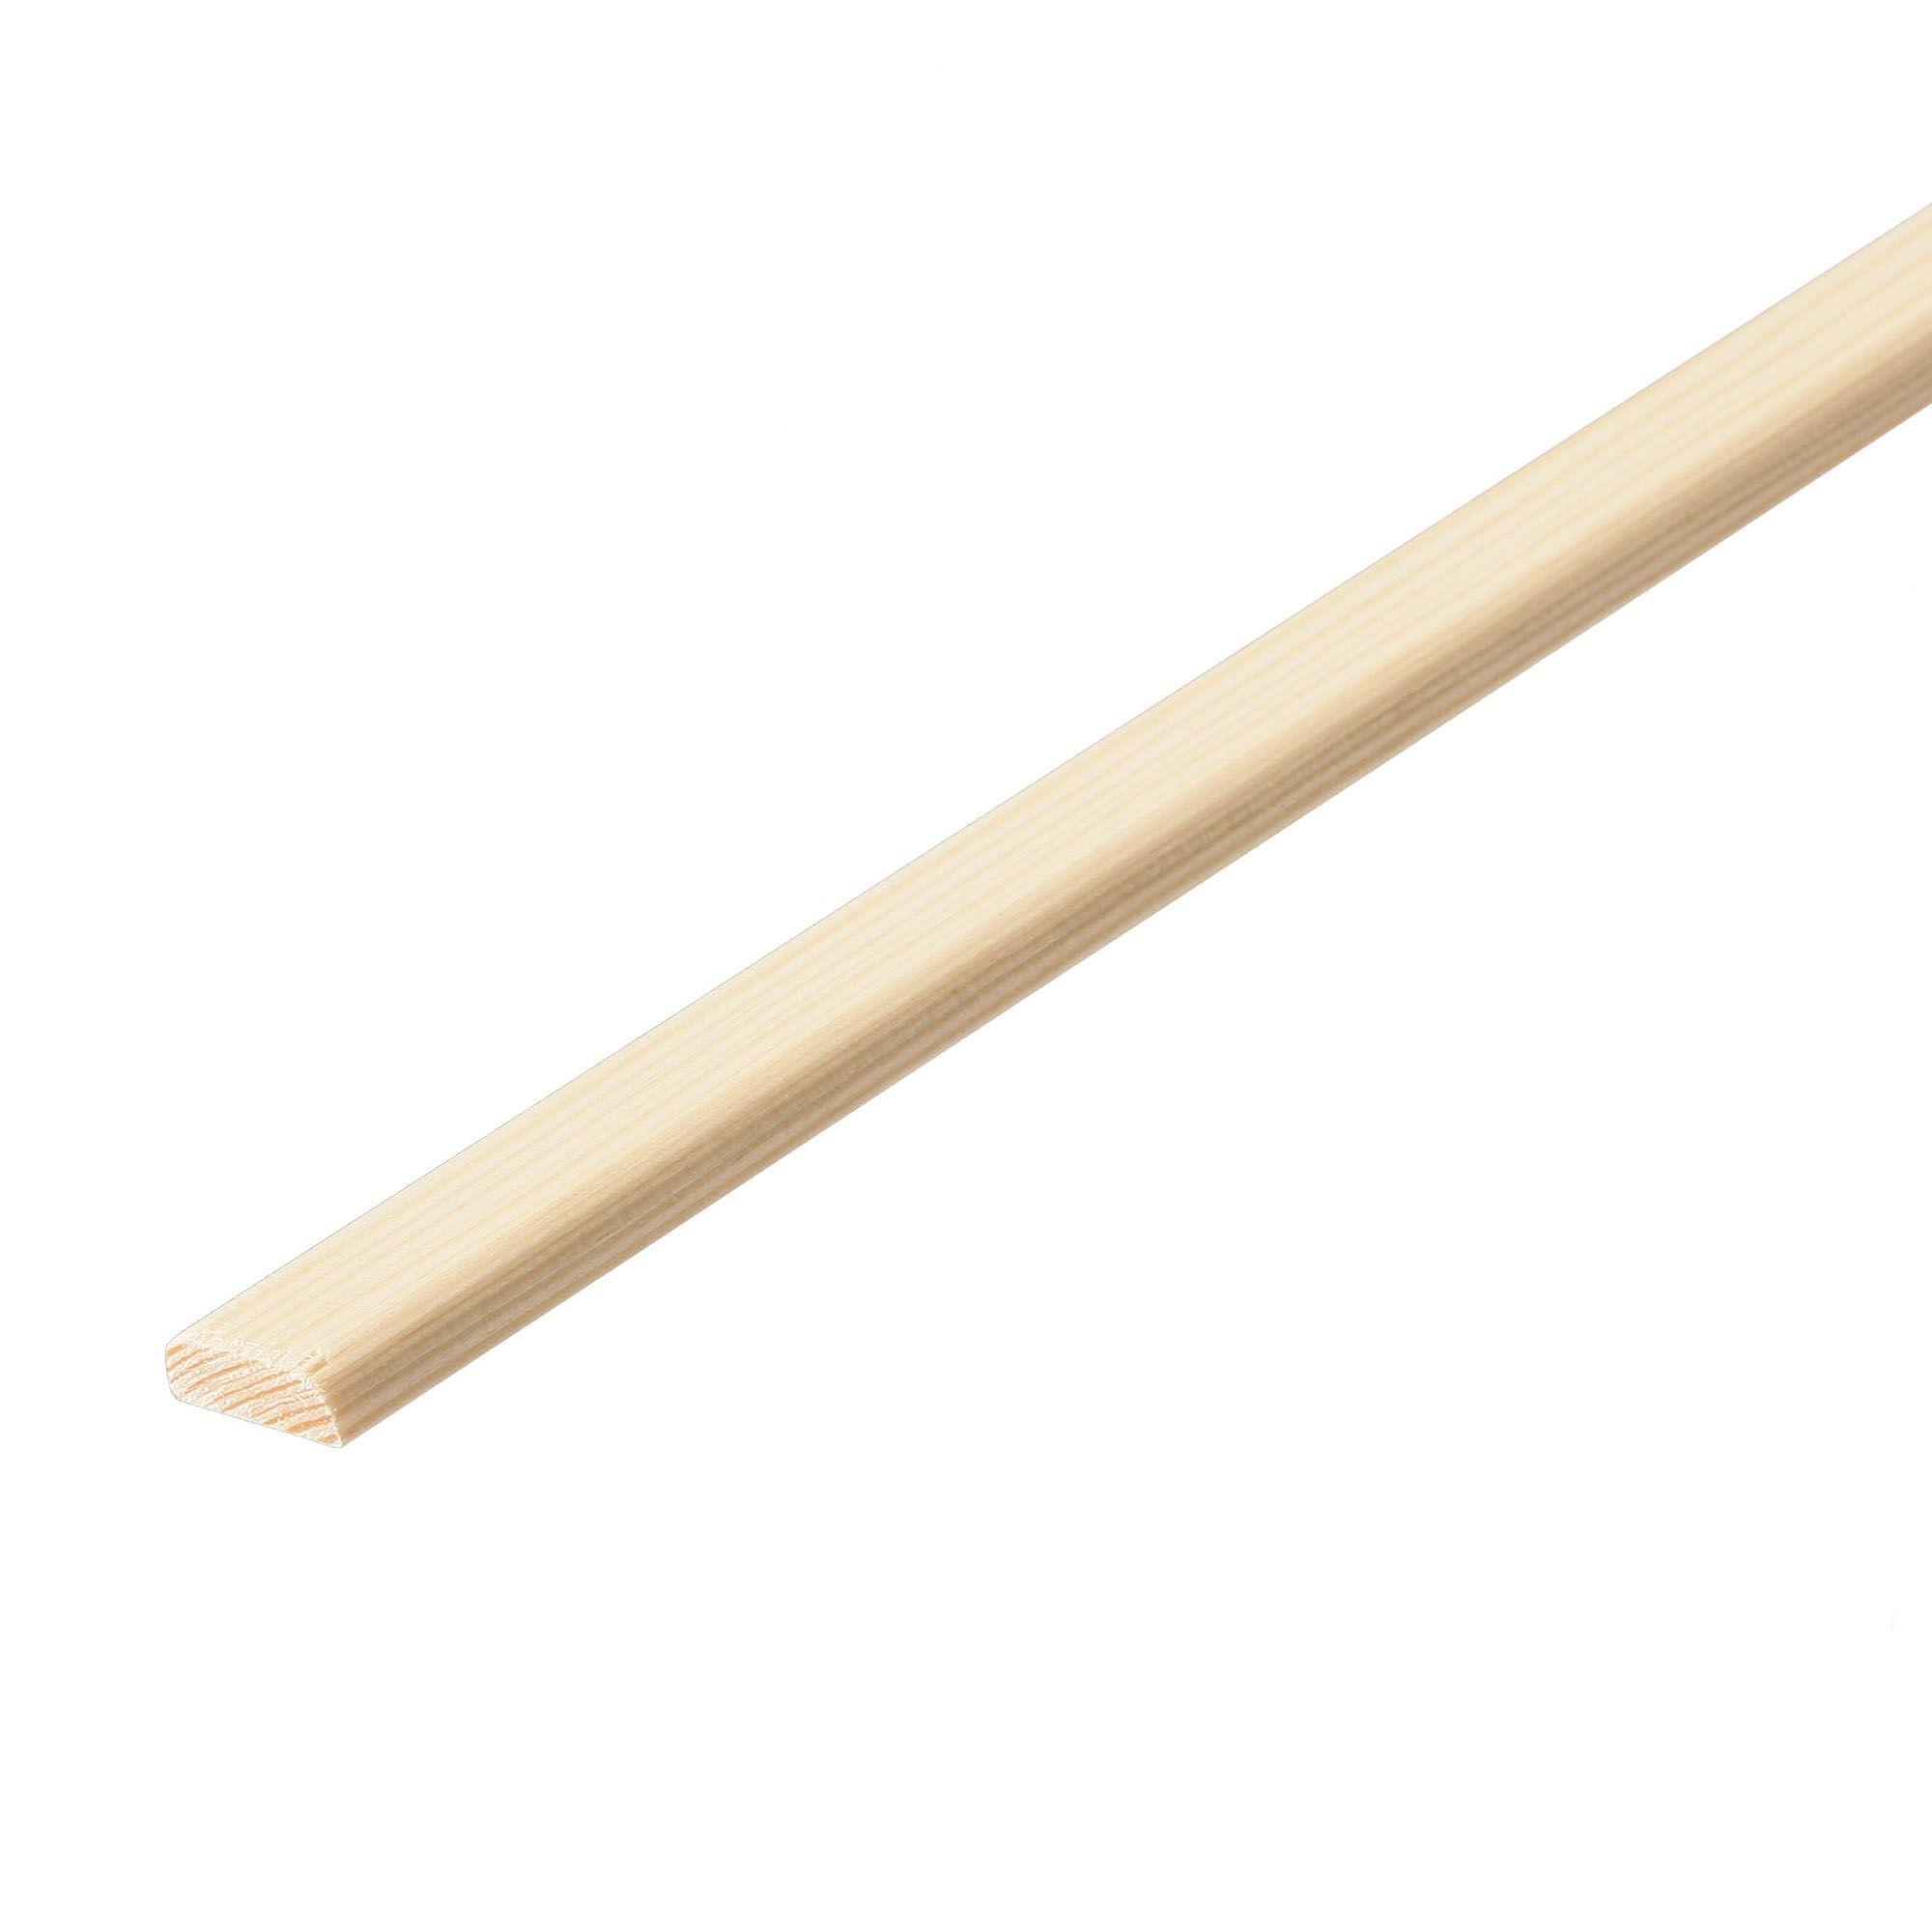 Pine D shape moulding (T)4mm (W)21mm (L)2400mm